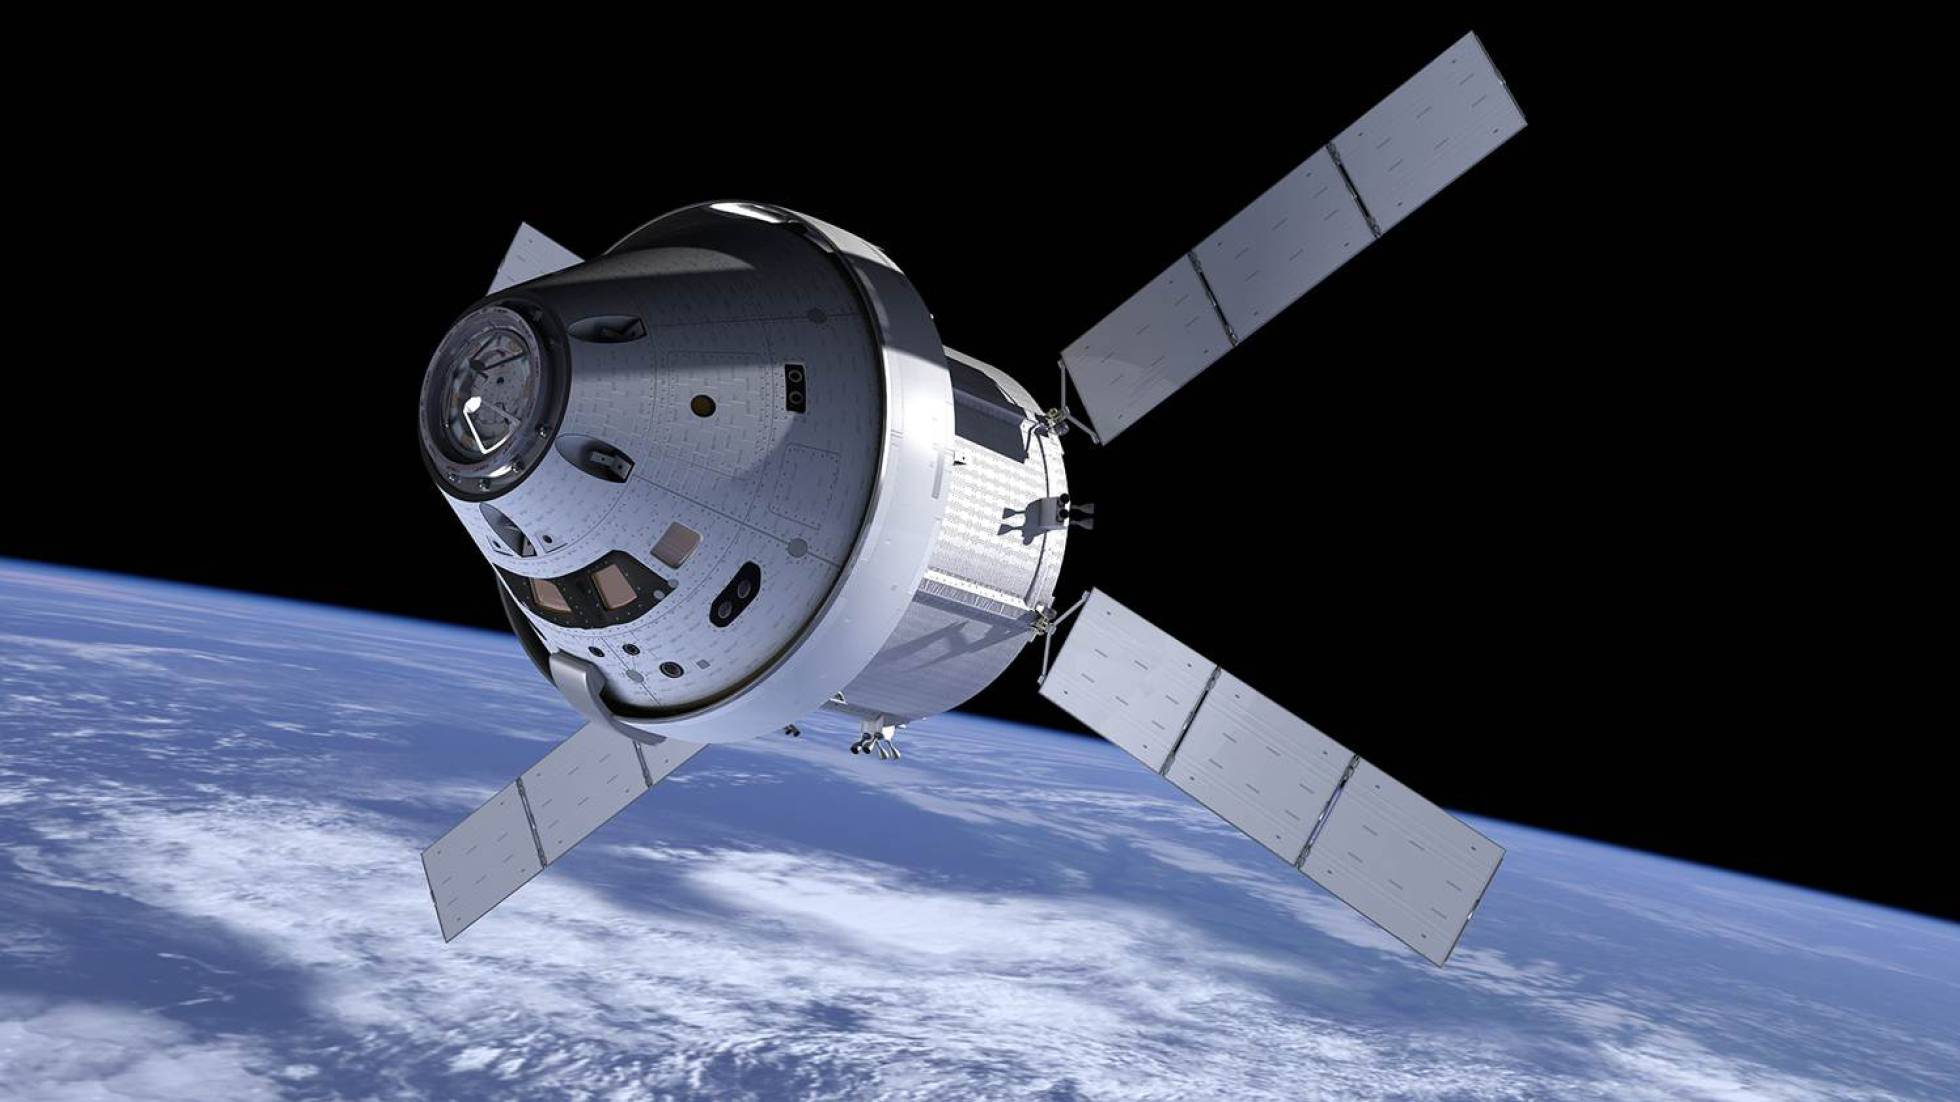 Nace 'Orion', la nave para llevar astronautas más allá de la Luna